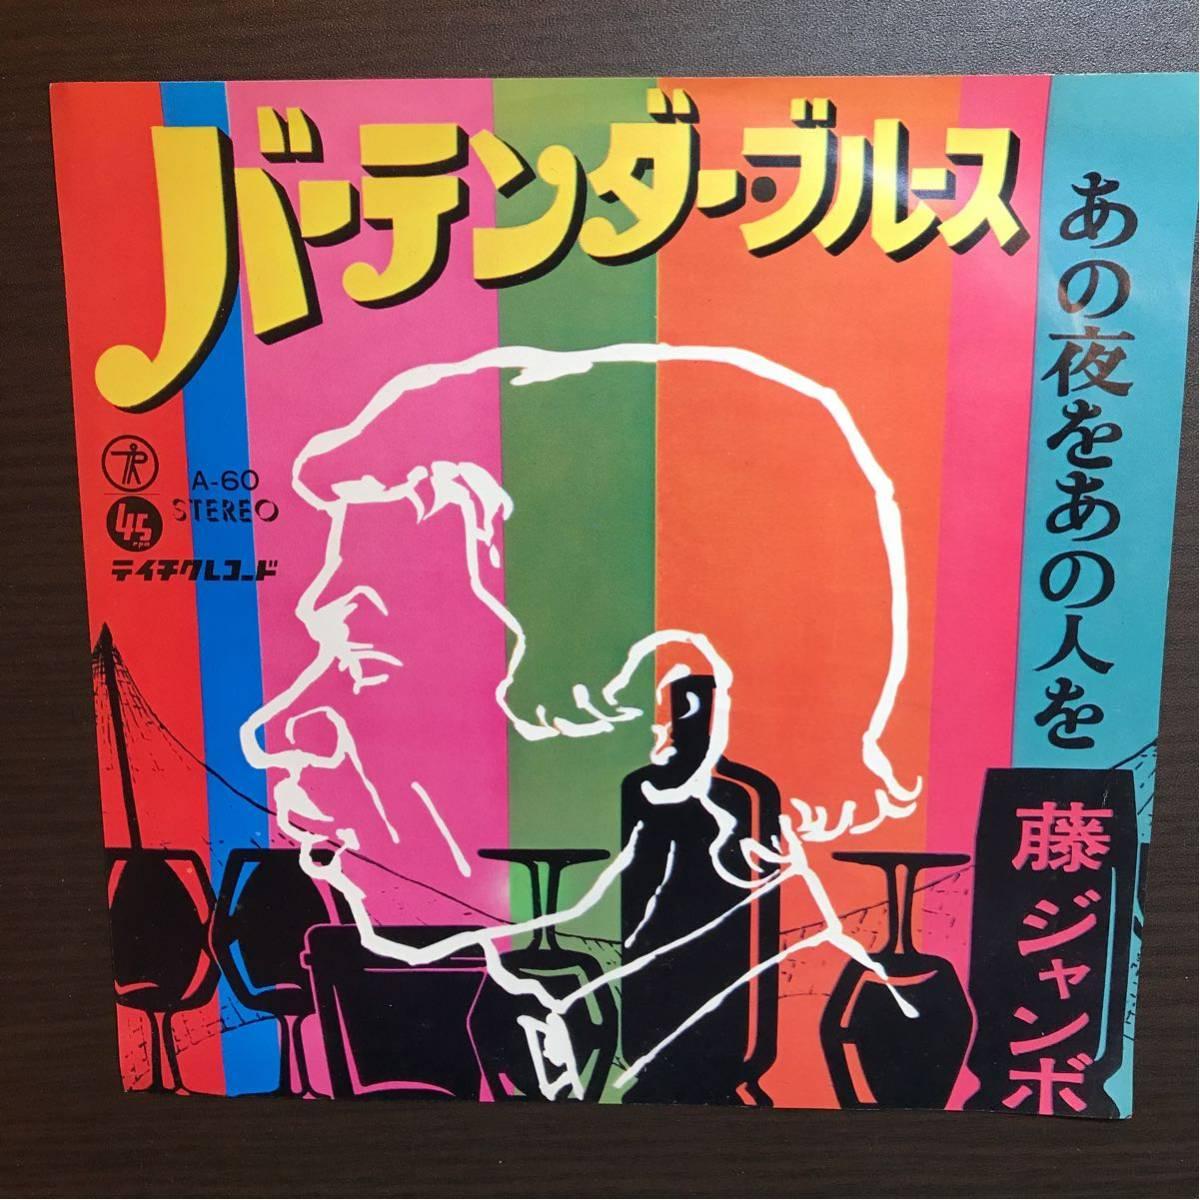 藤ジャンボ バーテンダー・ブルース EPレコード テイチクレコード貴重な見本品